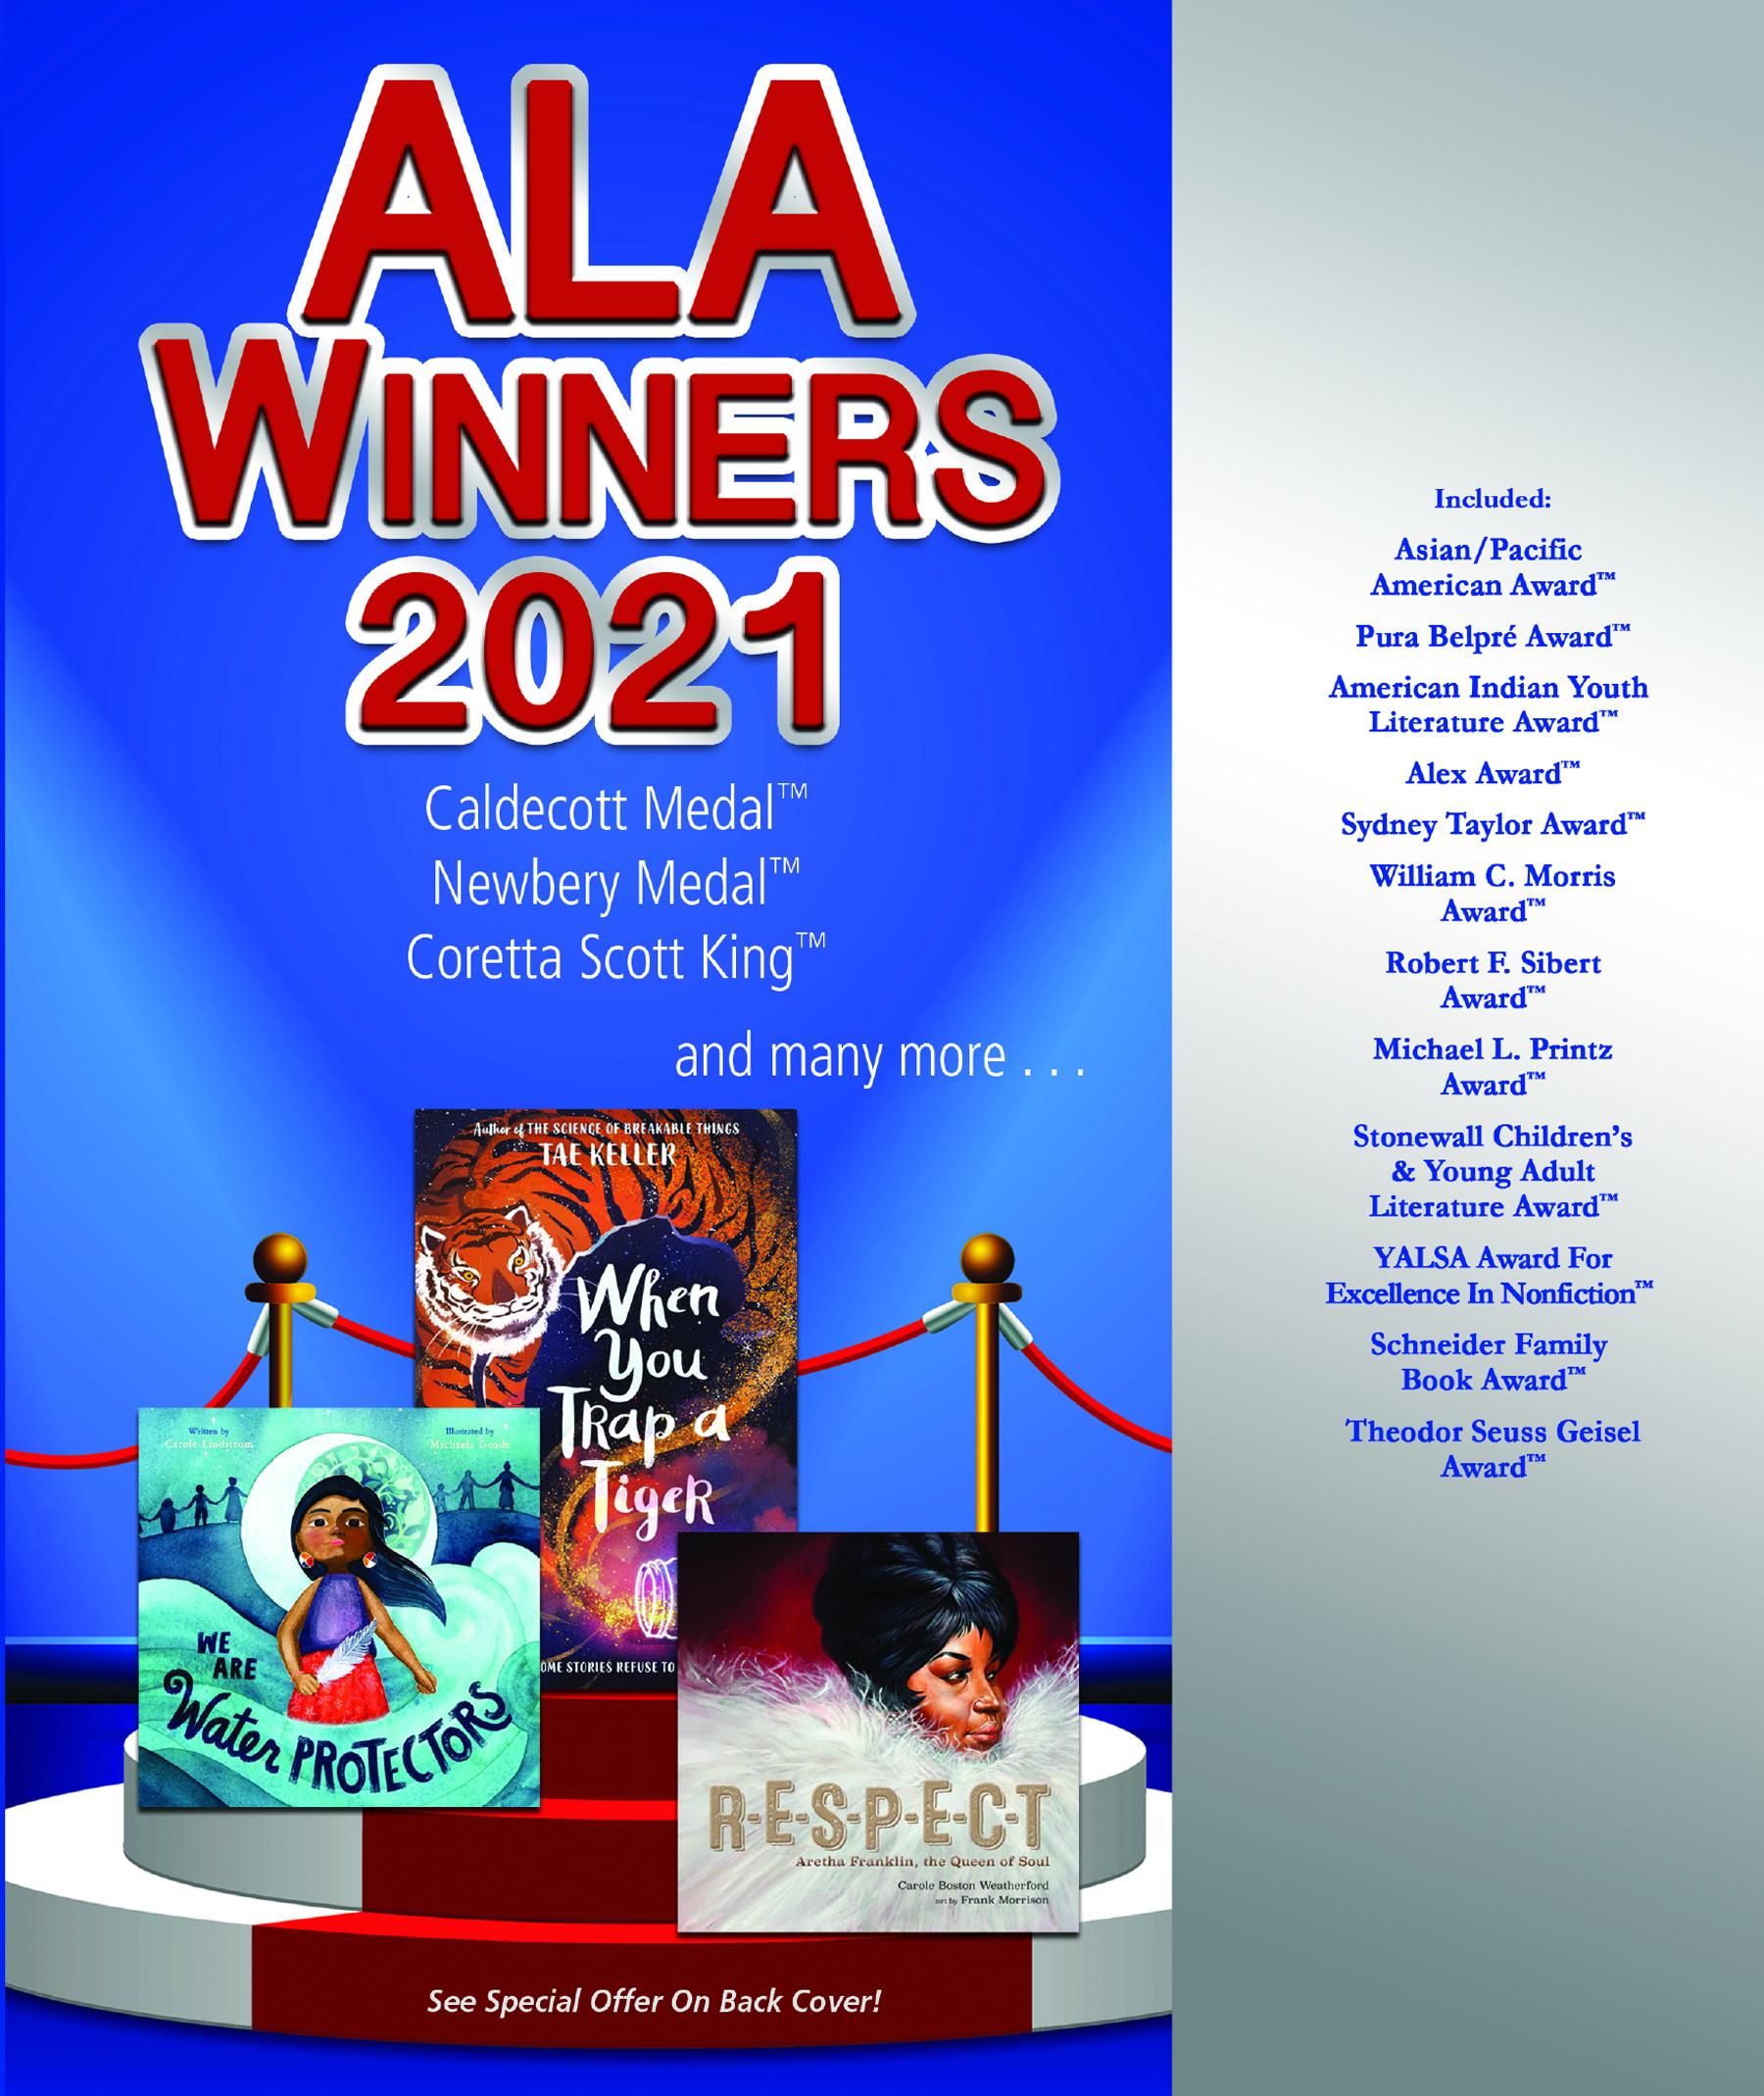 2021 ALA Winners